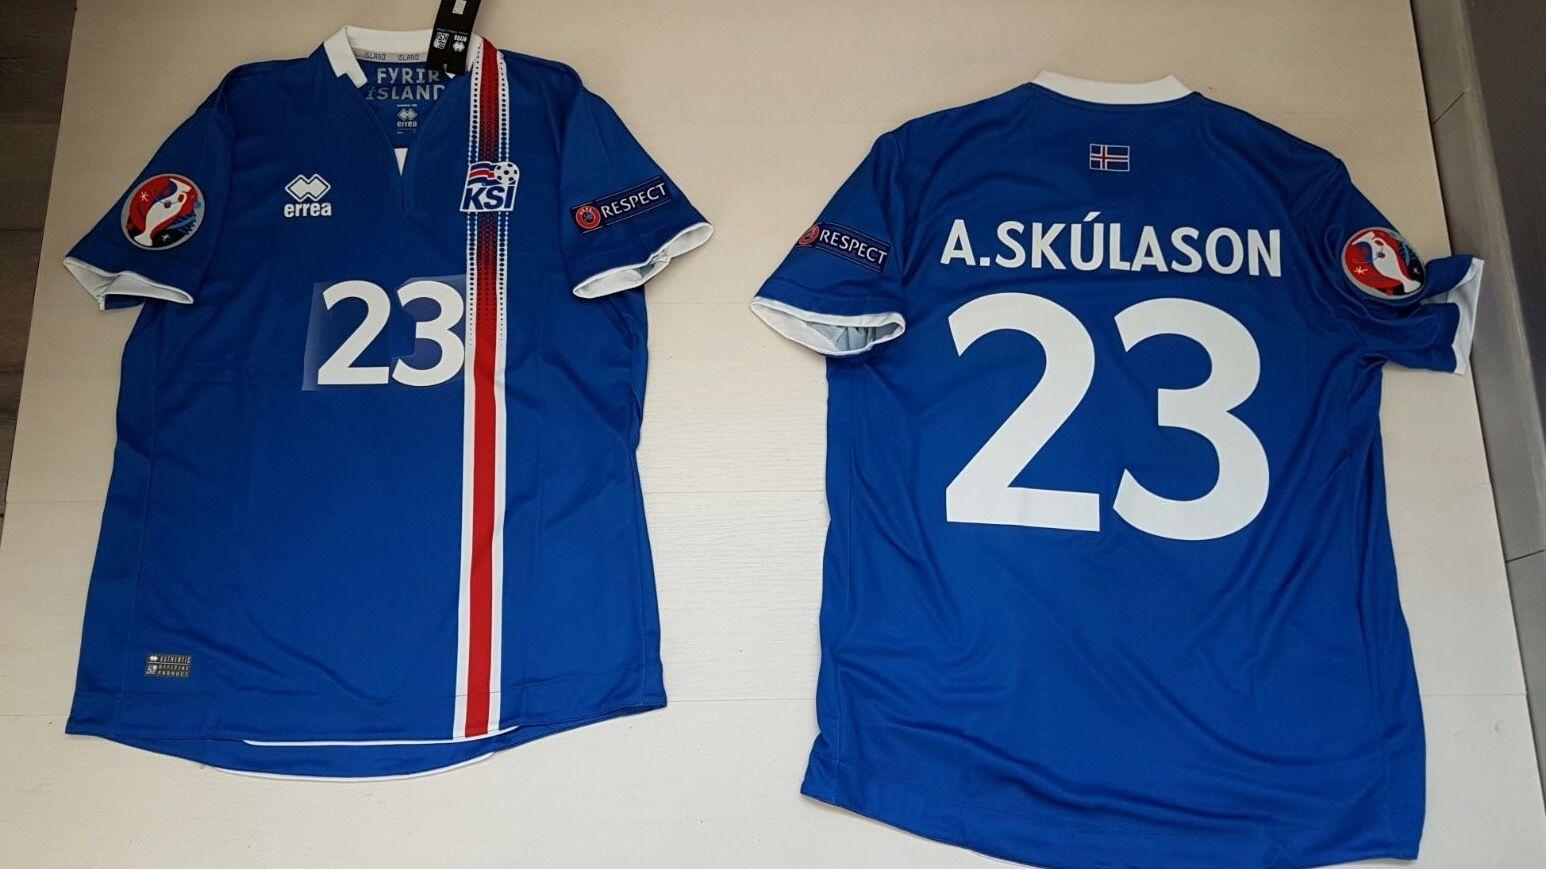 A. Skúlasson Island-Island T-Shirt Ísland T-Shirt Island-Island JERSEY Trikot Skúlasson 6ce2eb